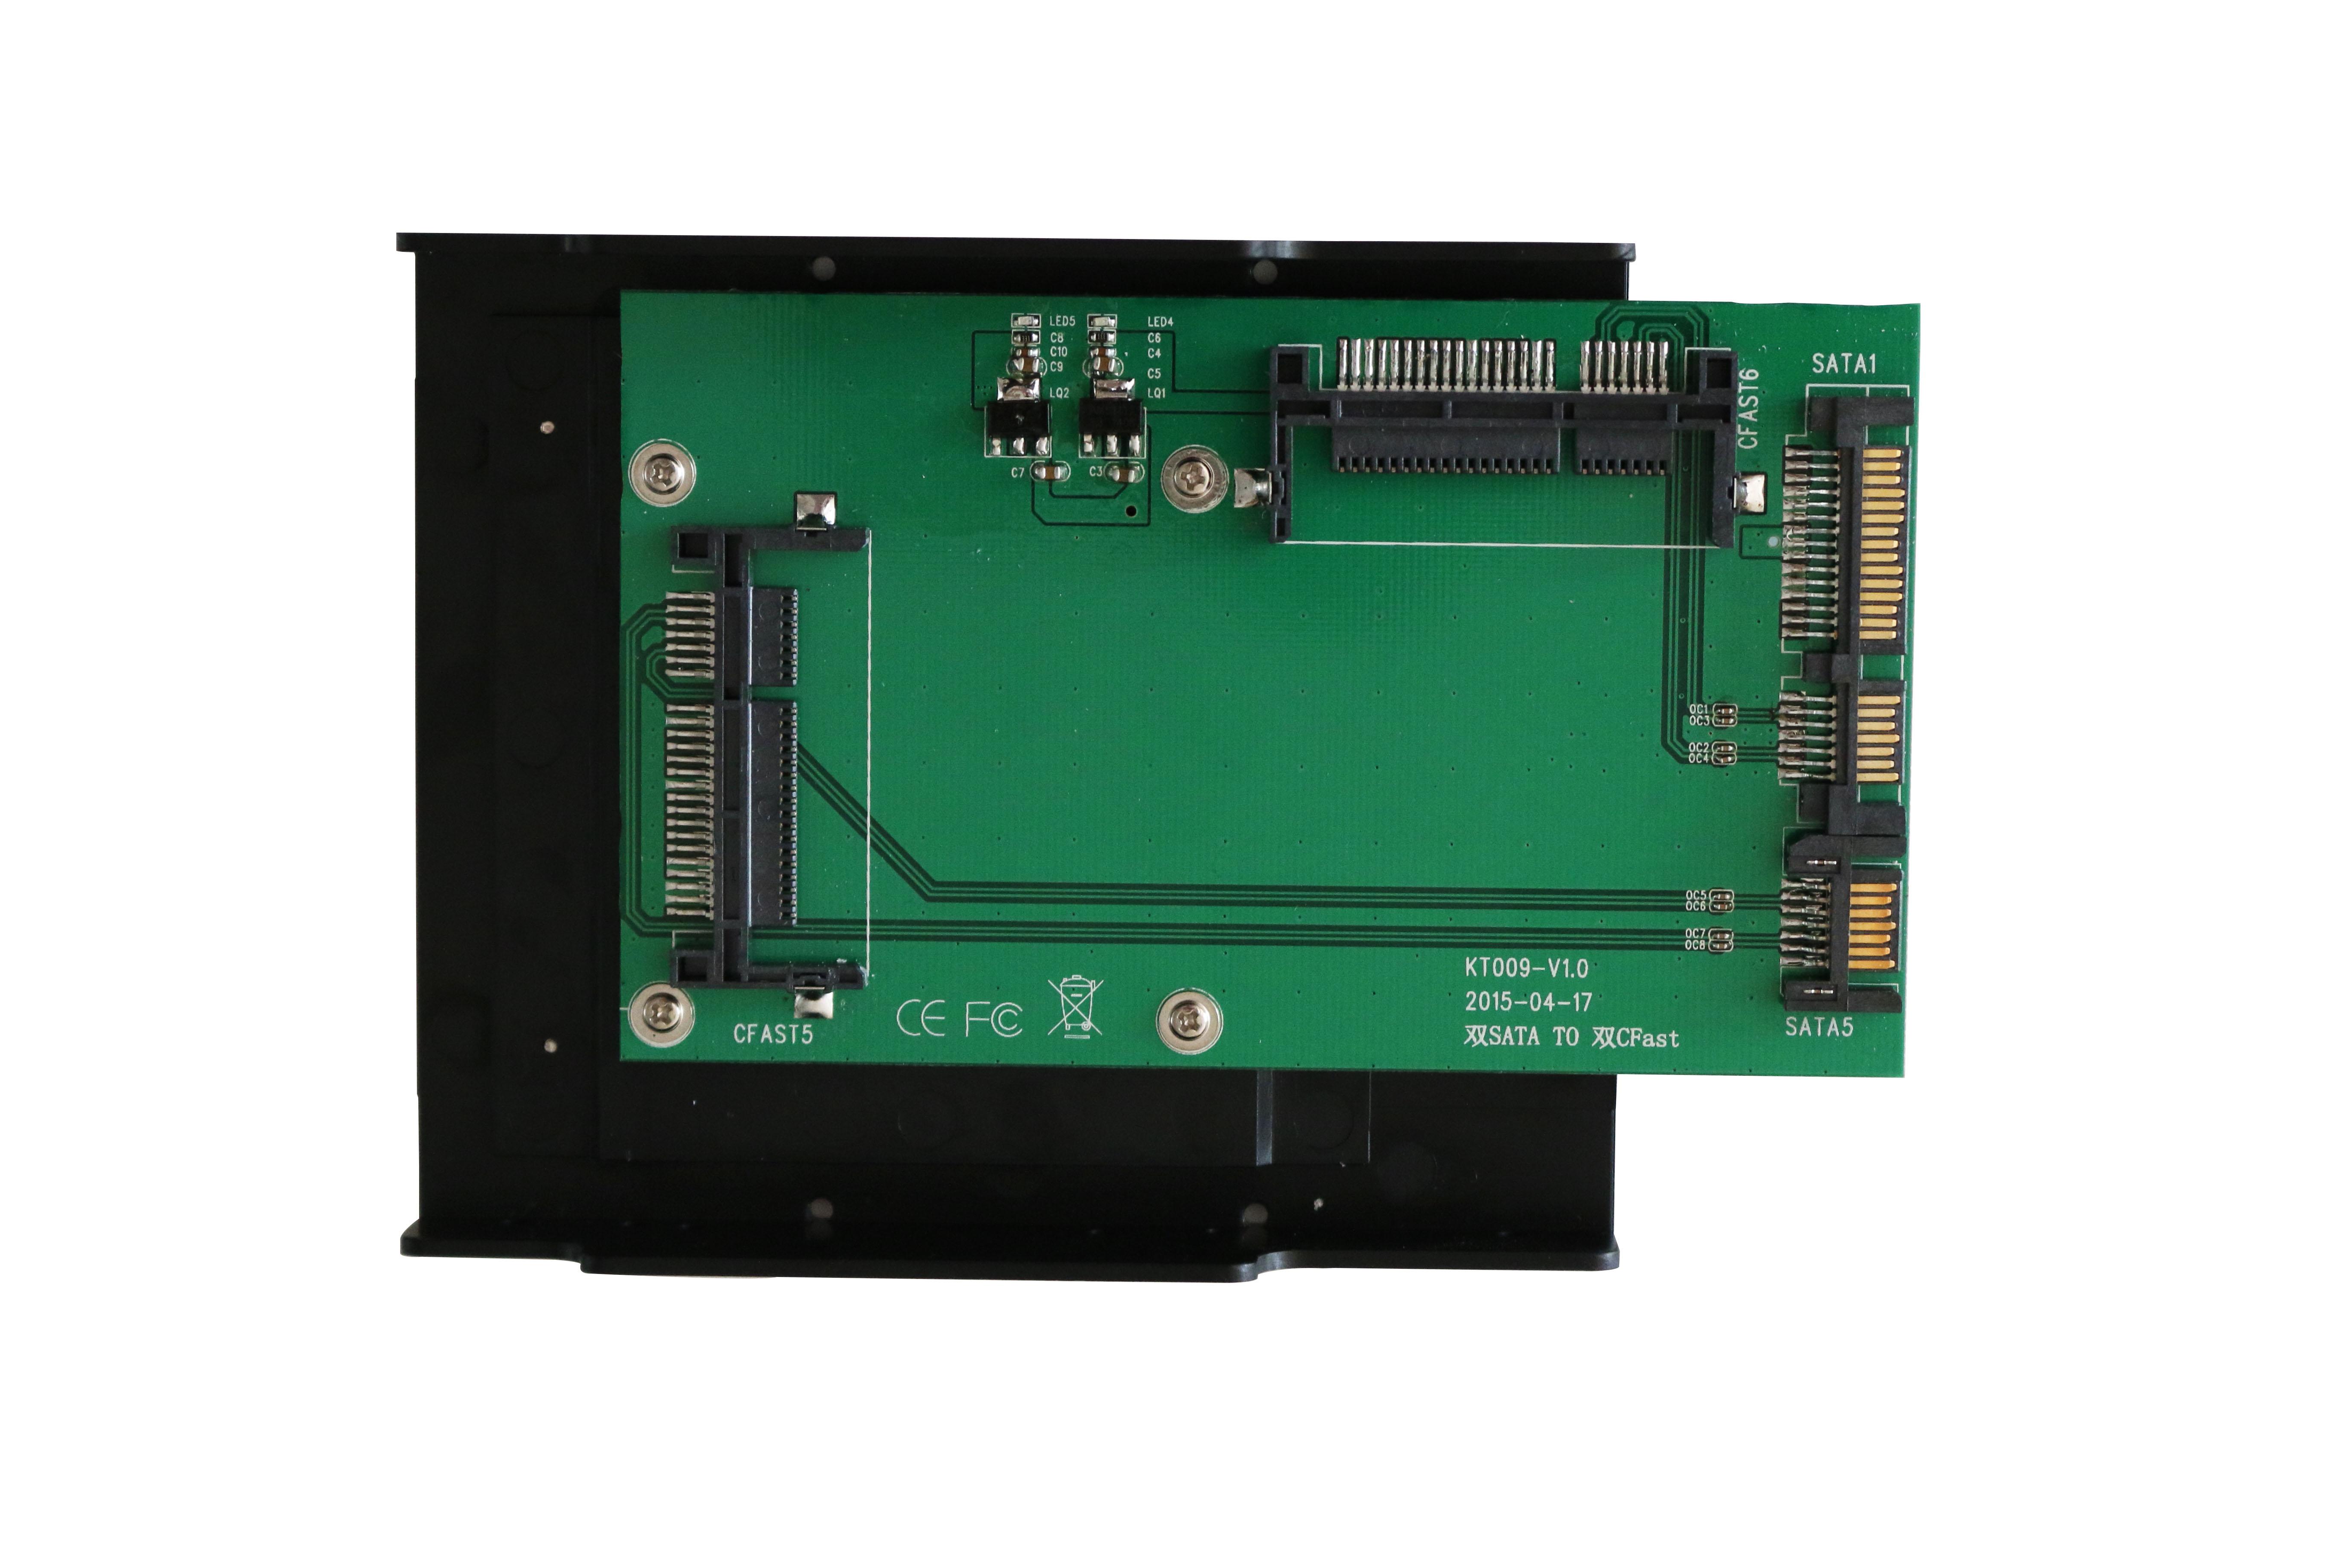 KT009B 2xSATA TO 2xCFast Convertor